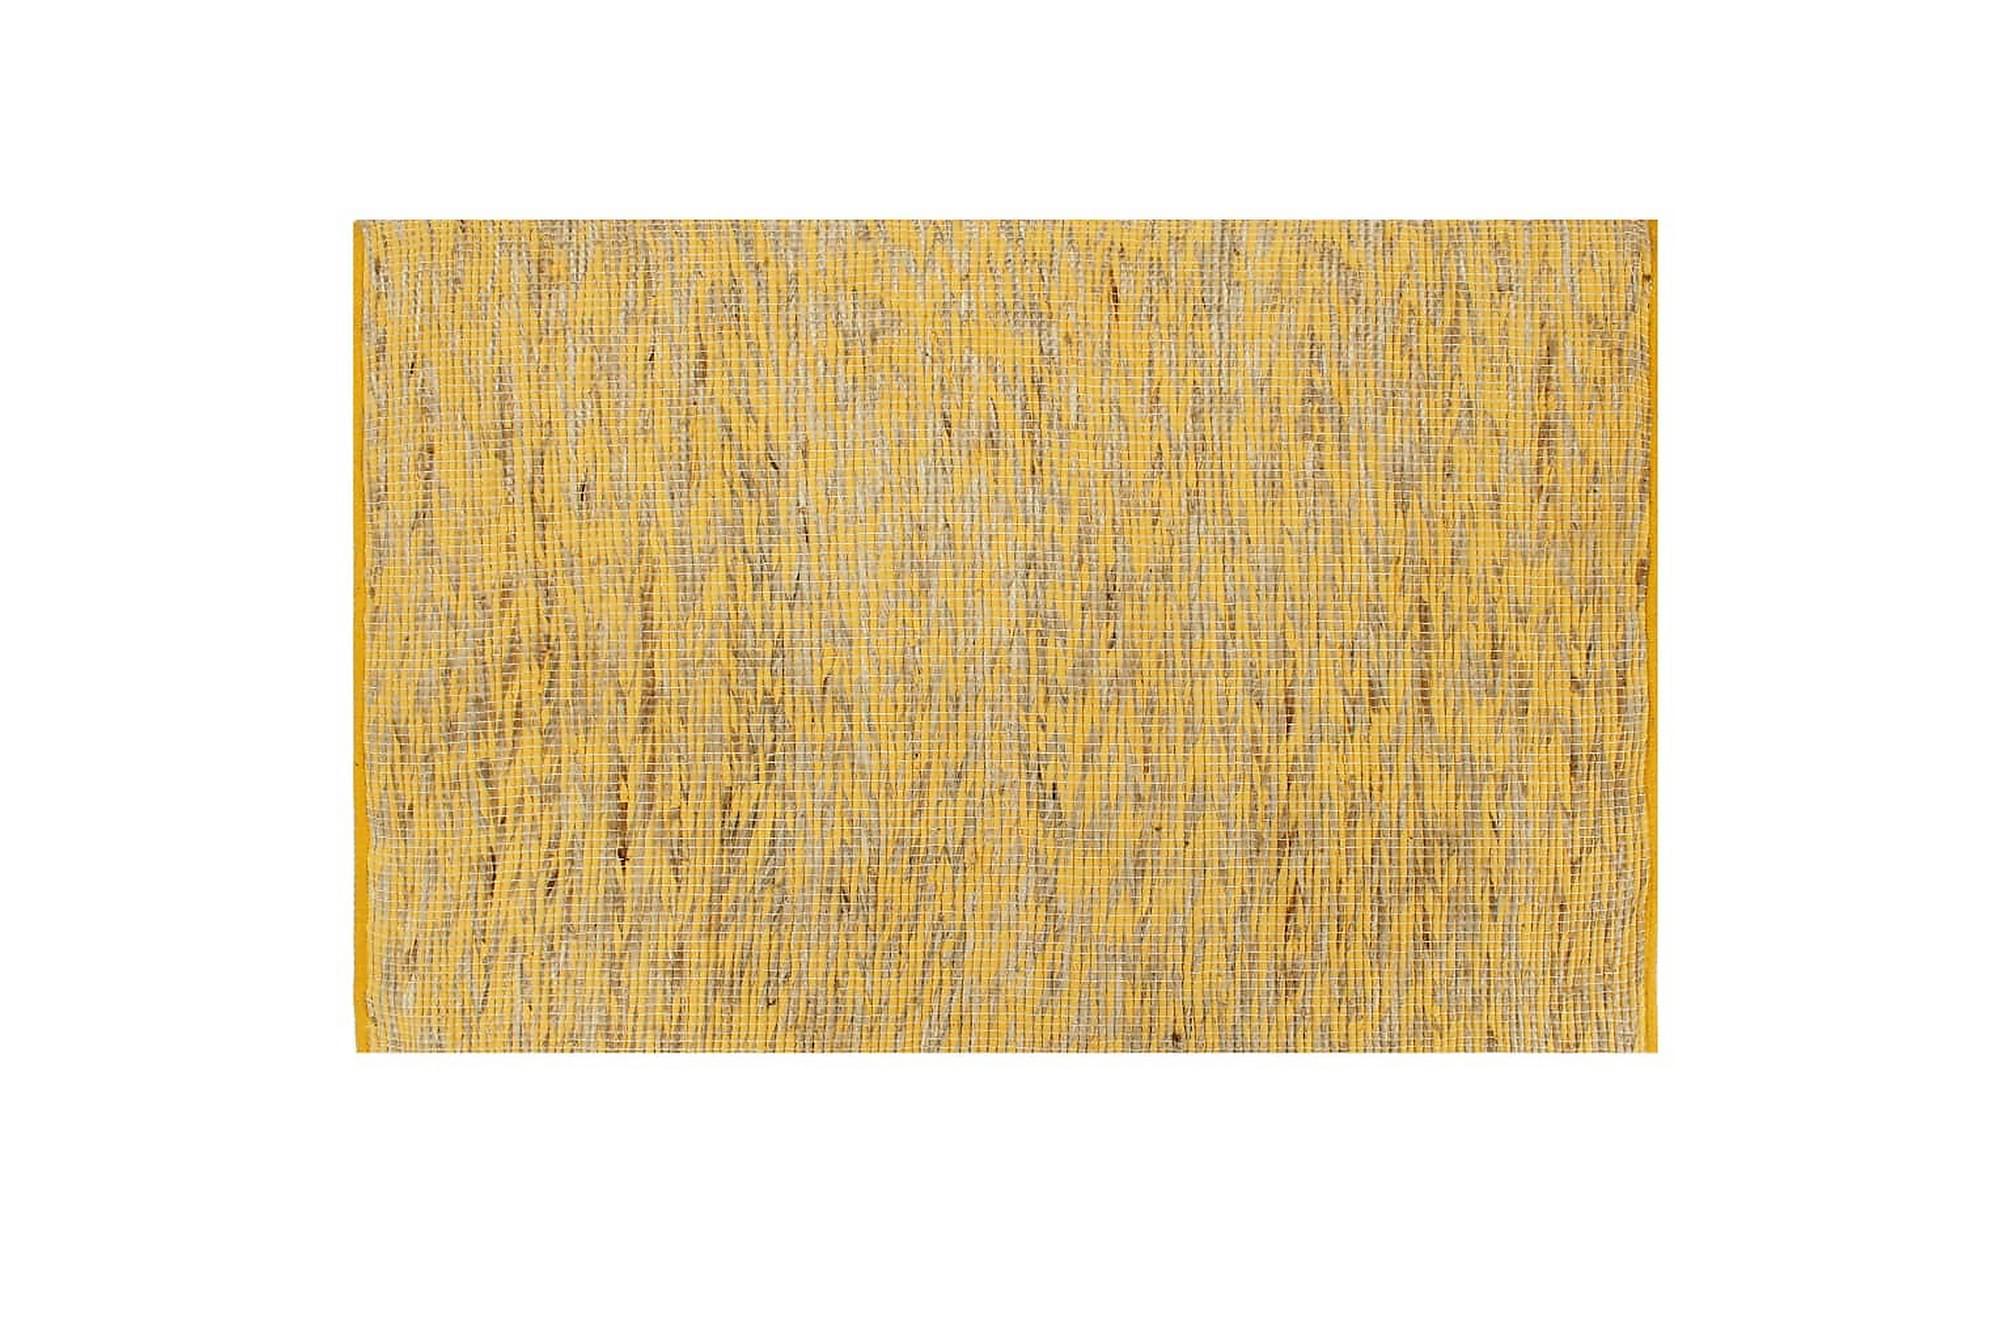 Handgjord jutematta gul och naturlig 80x160 cm, Handvävda mattor